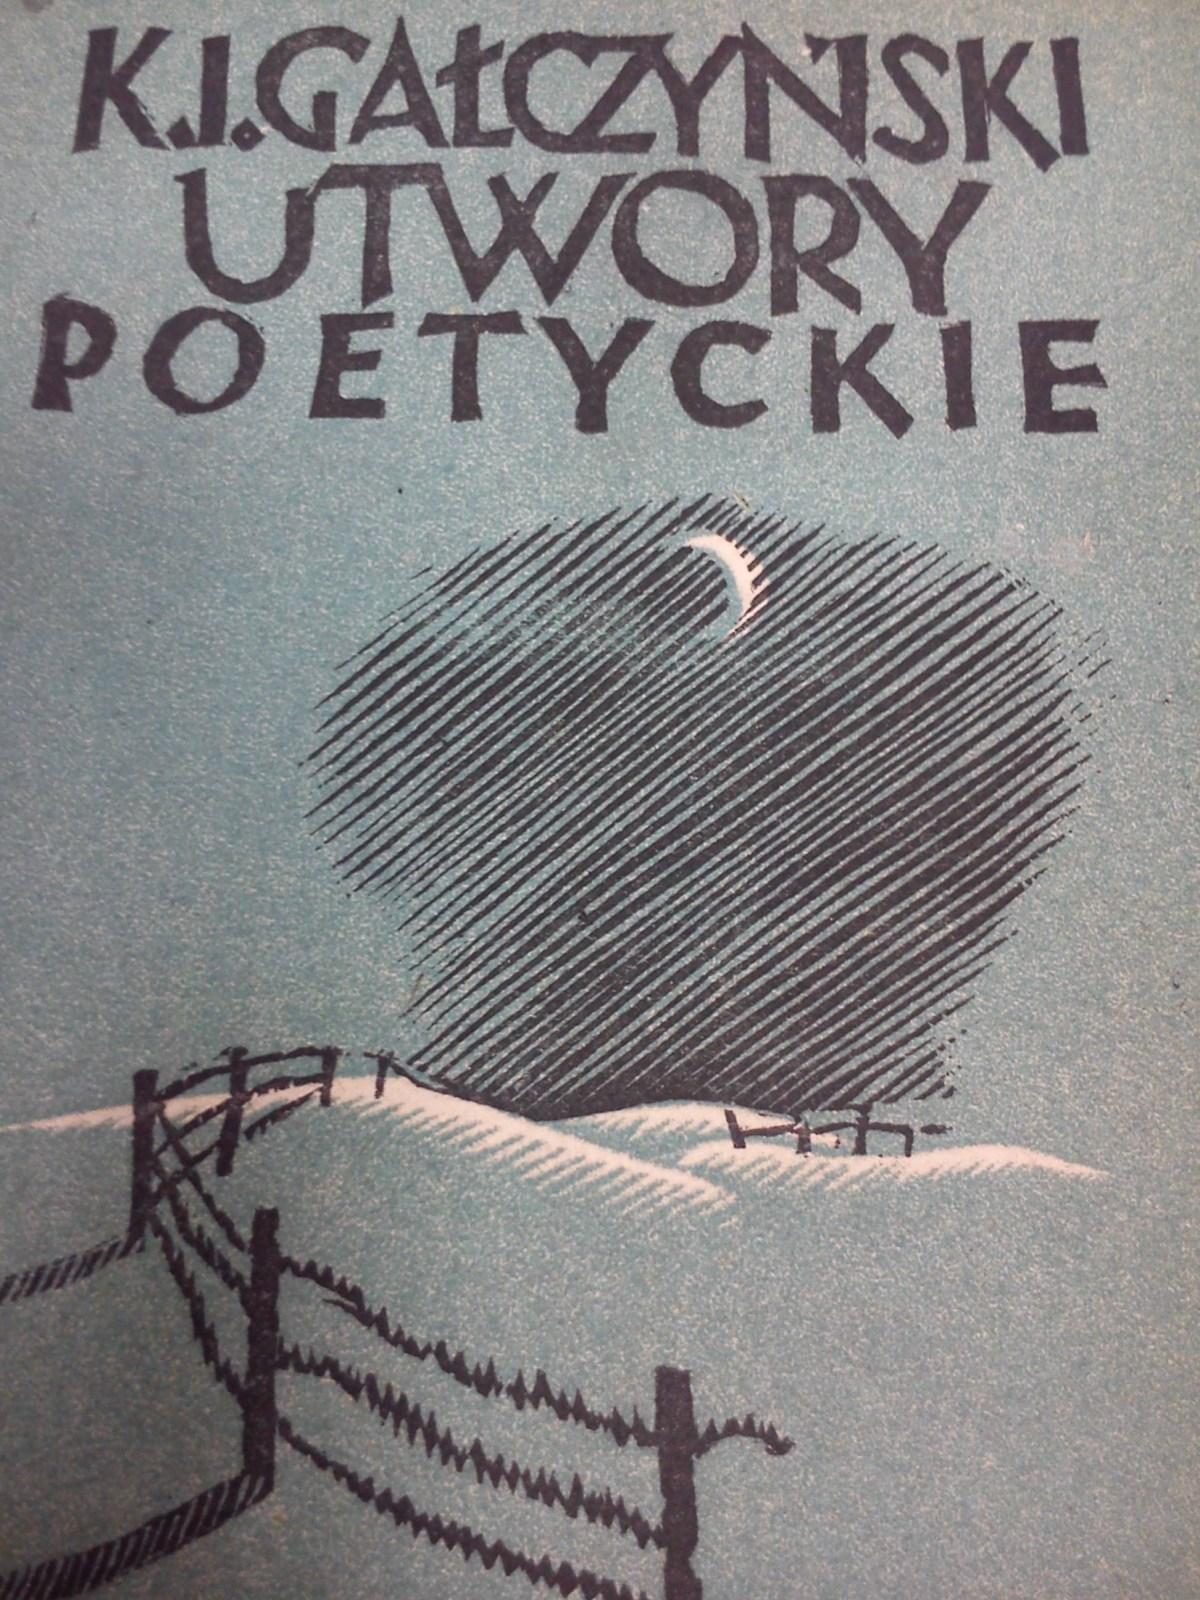 Обложка сборника К. Галчинского «Поэтические произведения»